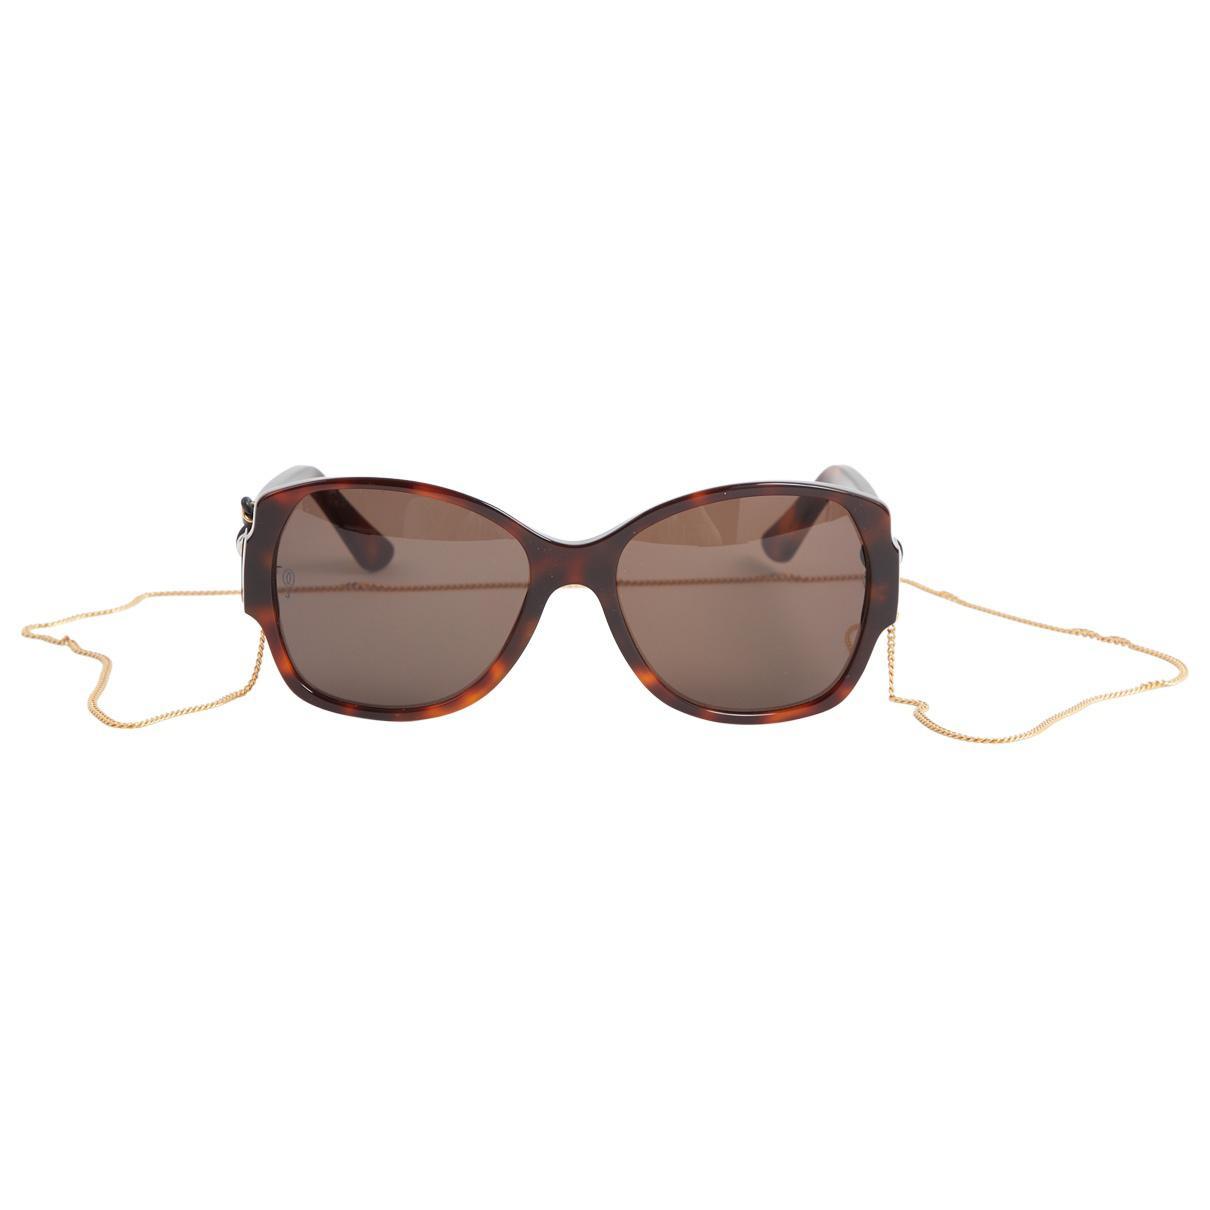 d453d568e09d Lyst - Cartier Sunglasses in Brown